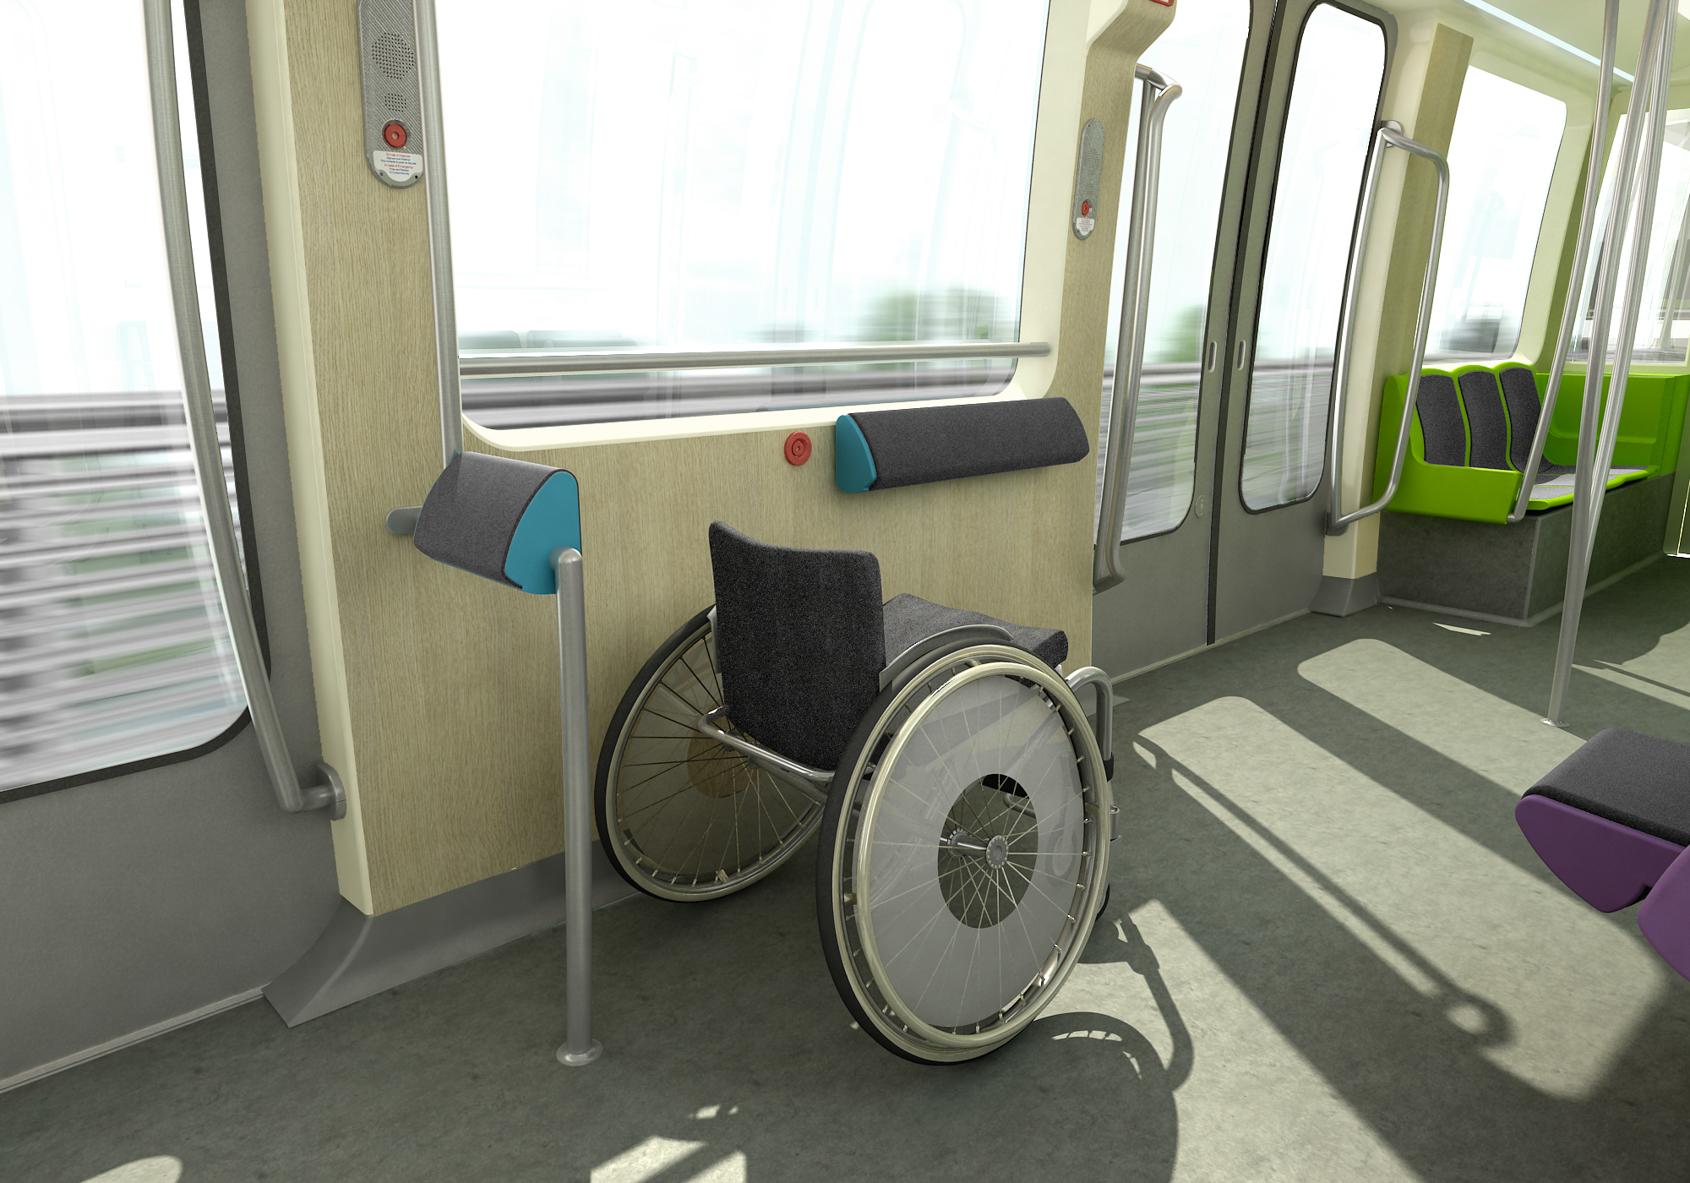 5-Dripmoon-archvis-graphiste3D-design-produits-images-3D-metro-rennes